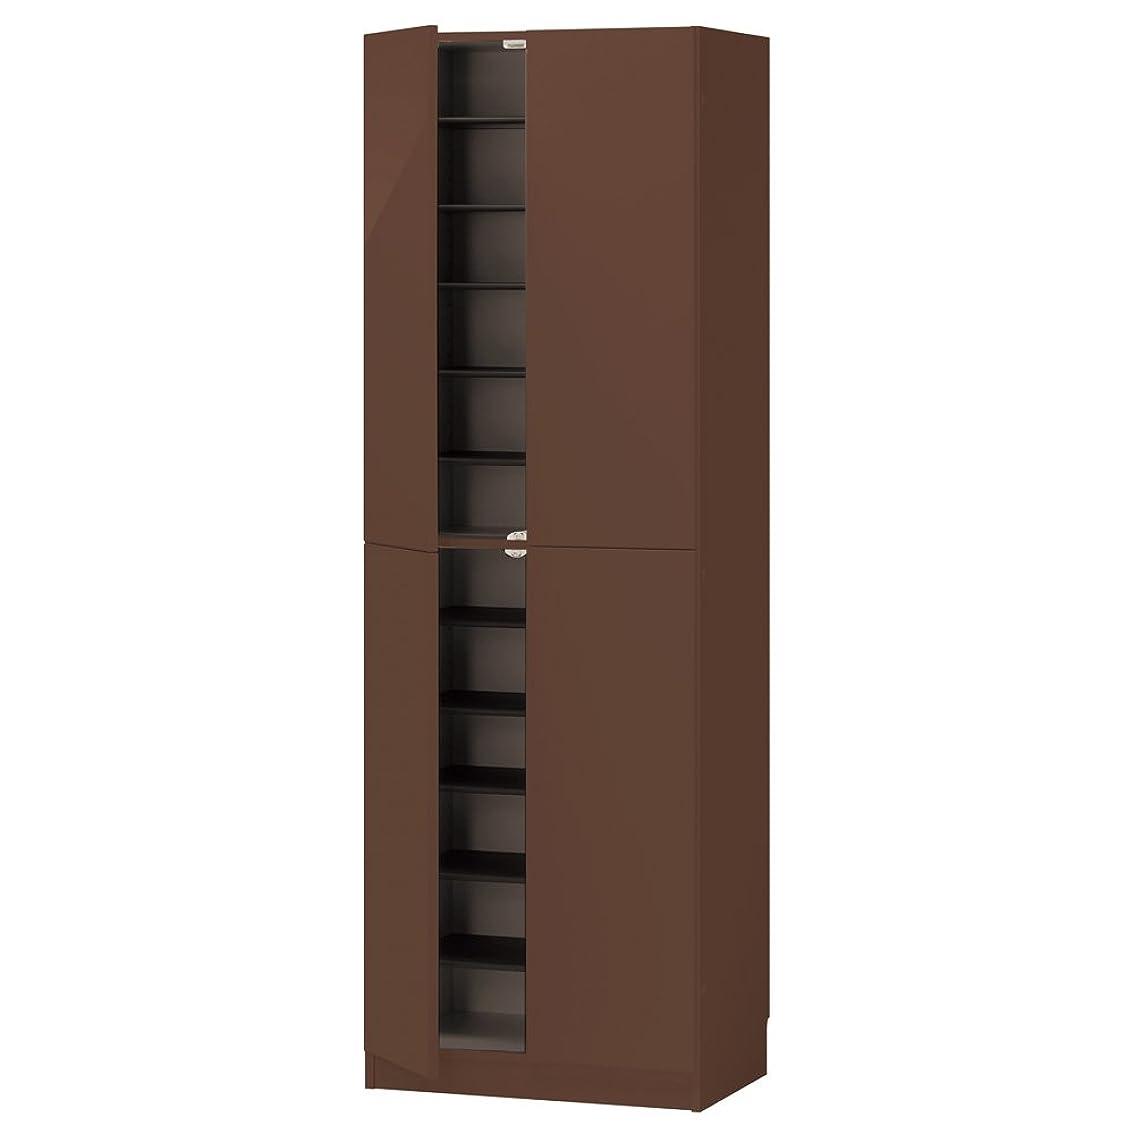 ビーチ評判フライカイトインテリアに合わせて8色&13タイプから選べるシューズボックス 扉 幅60高さ180.5cm 755106(サイズはありません ク:グレーウォルナット(モクメ))